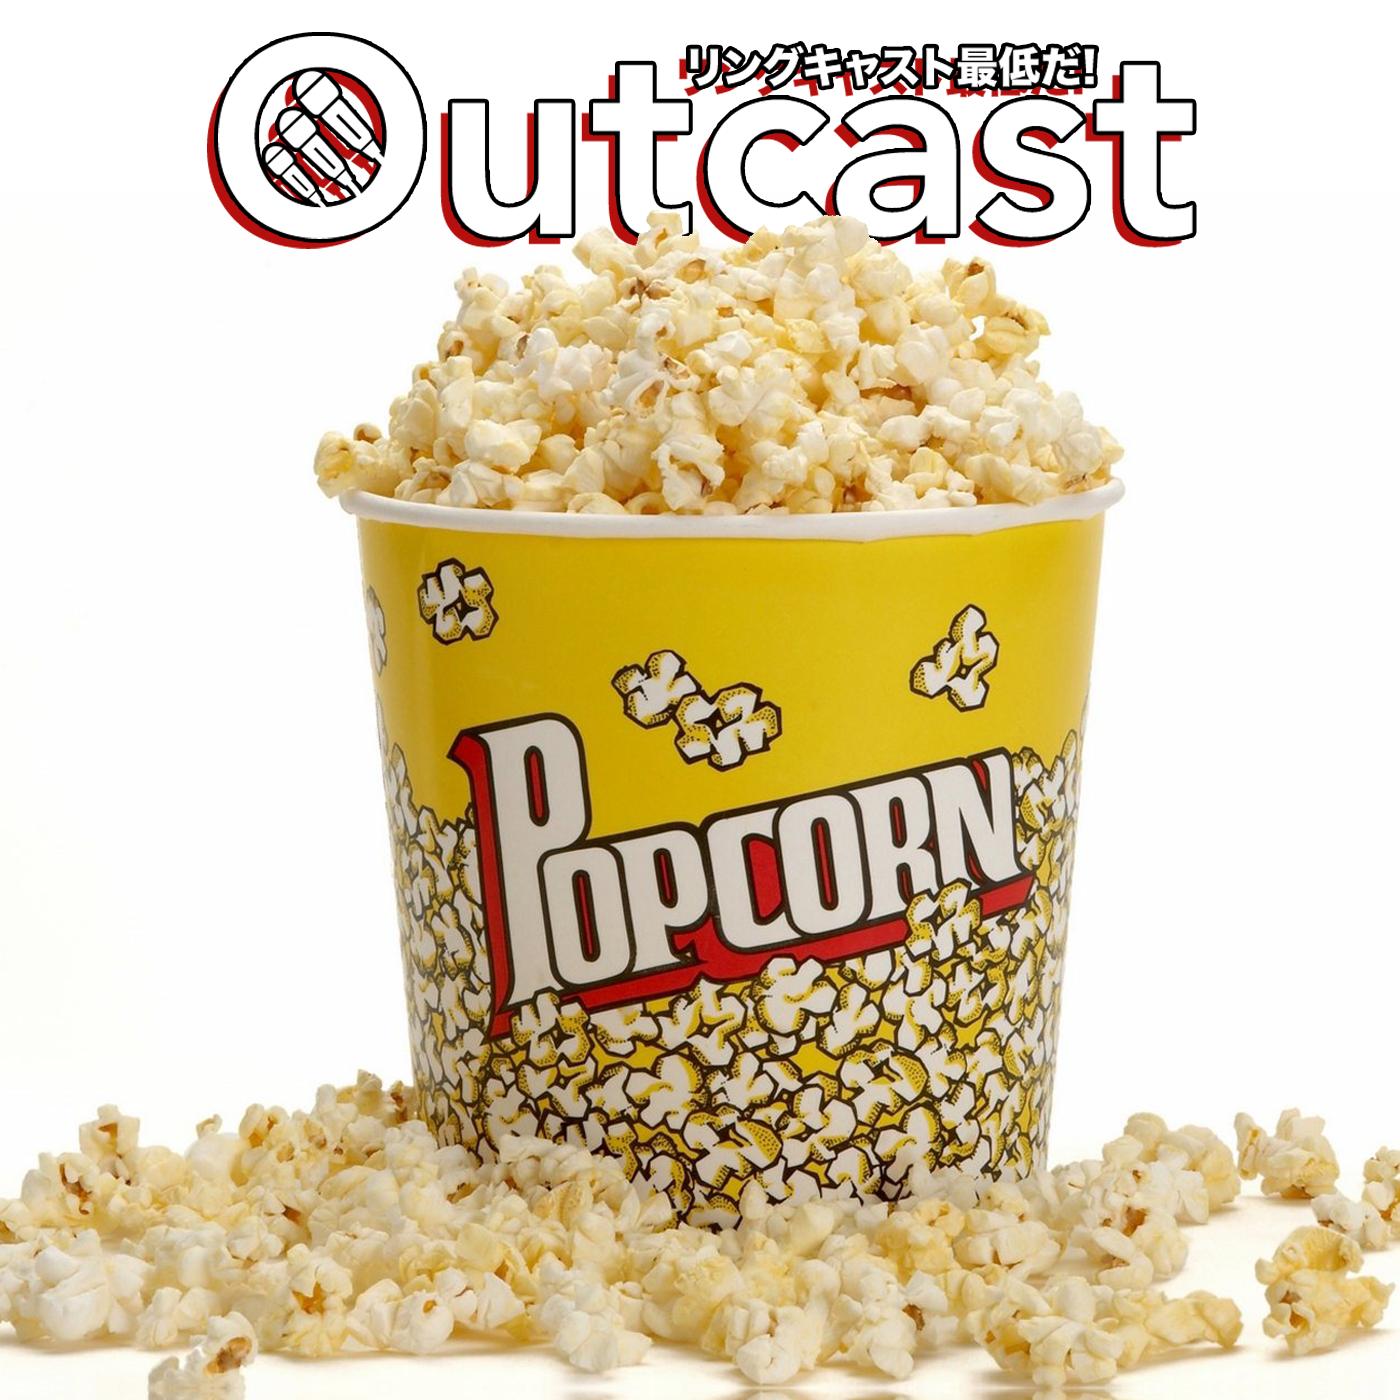 Outcast Popcorn